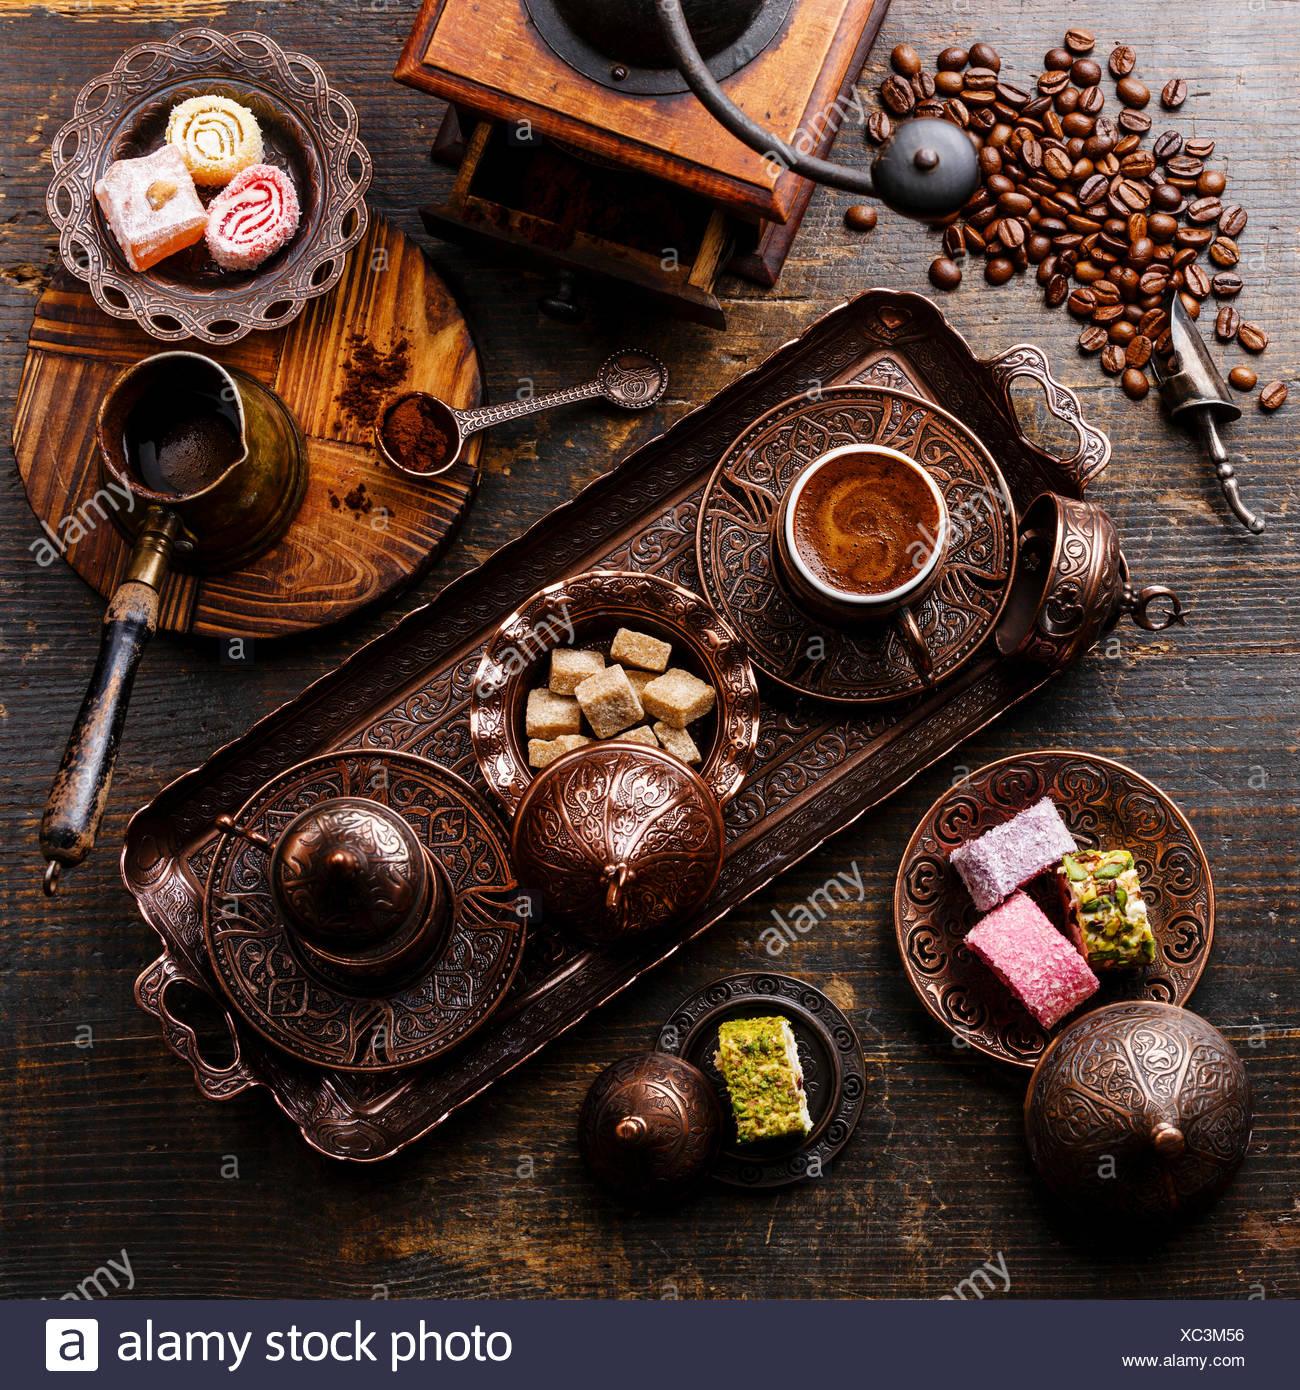 Kaffee-Ost und Turkish Delight auf Kupfer Tablett auf hölzernen Hintergrund Stockbild